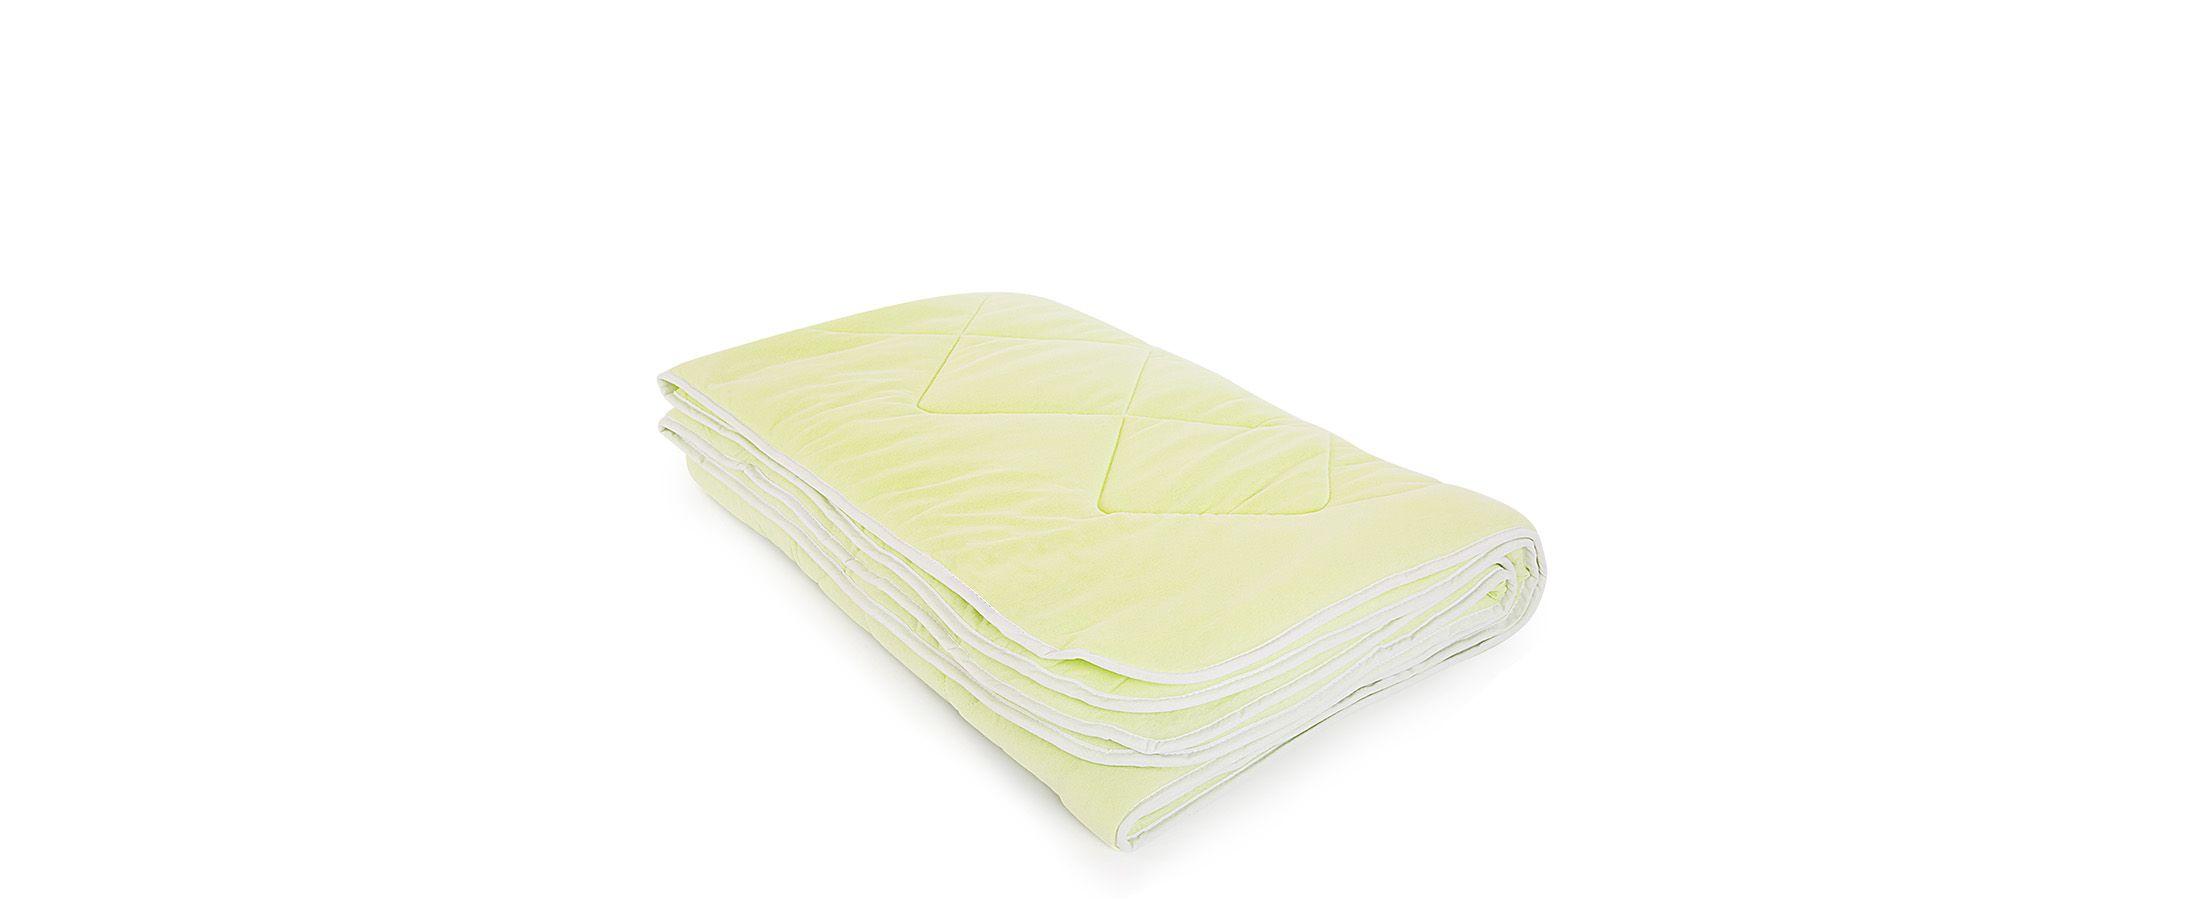 Одеяло трикотажное Бамбук салатовый 140х205 Модель 4006 от MOON TRADE